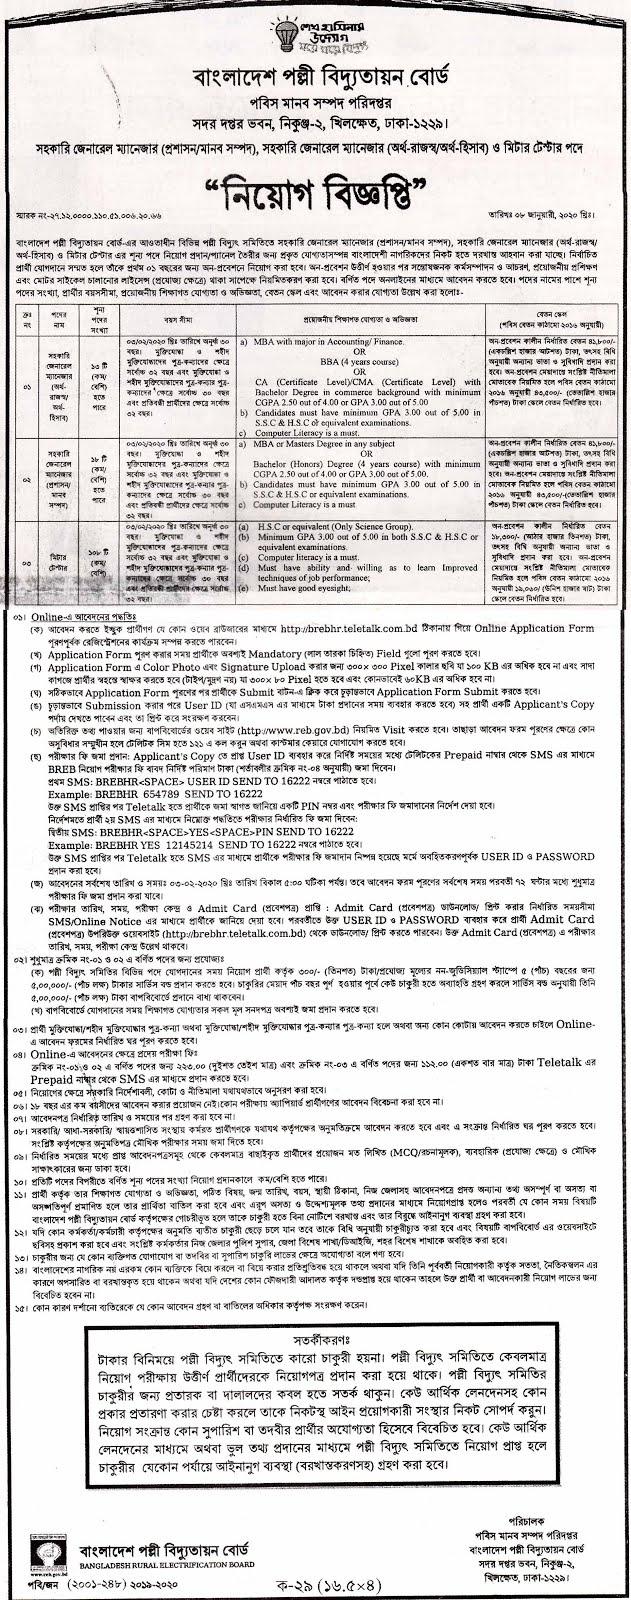 পল্লী বিদ্যুৎ বোর্ড নিয়োগ বিজ্ঞপ্তি 2020 - palli bidyut board job circular 2020 - আজকের চাকরির খবর ২০২০